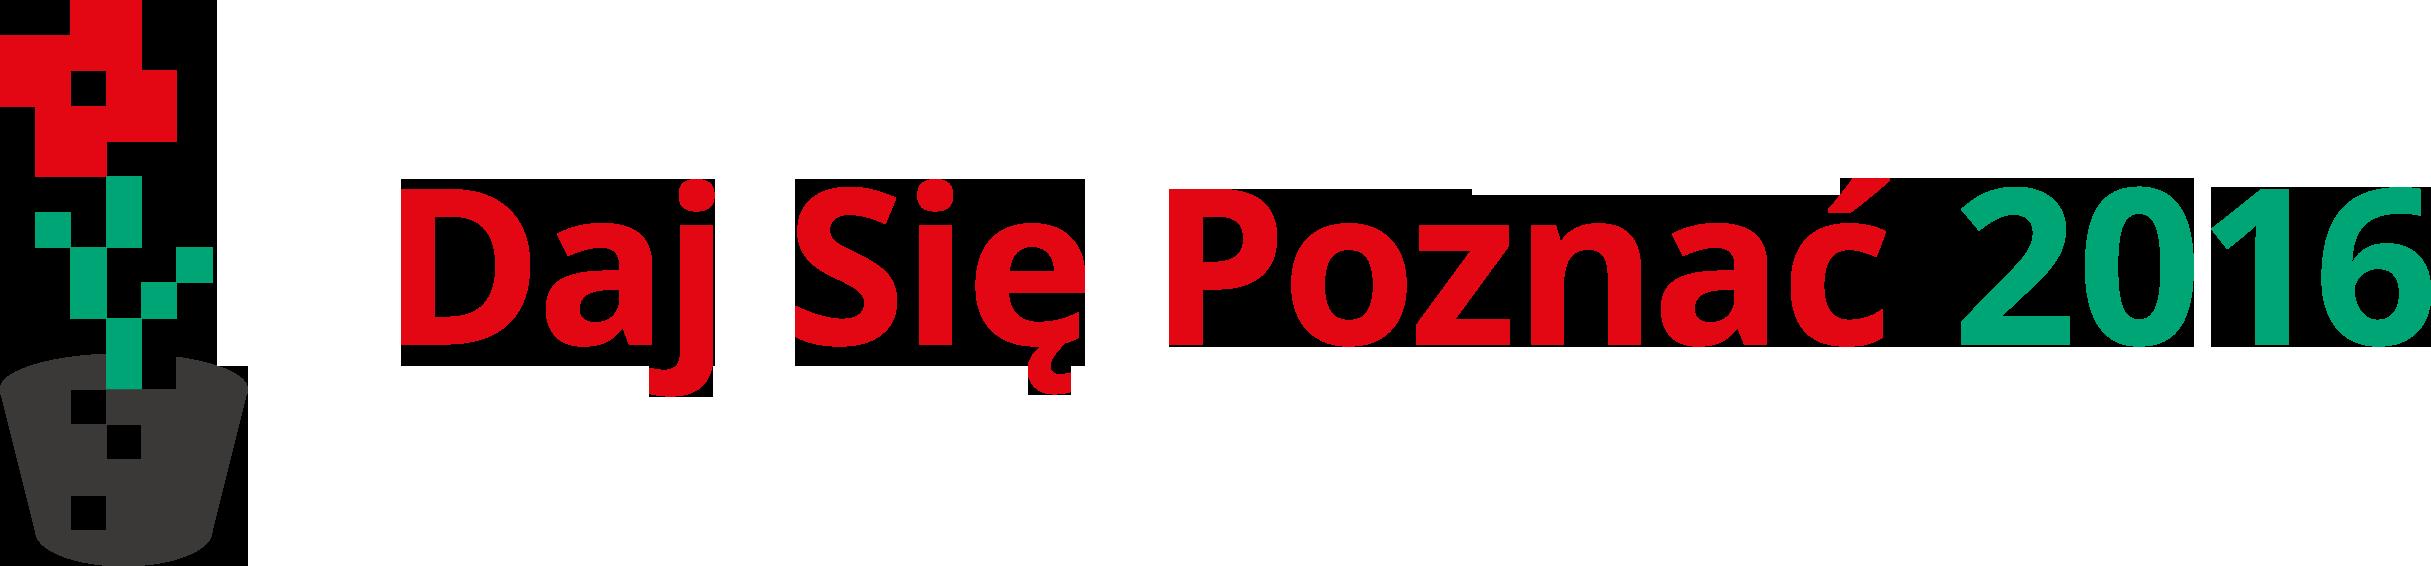 DajSiePoznac 2016